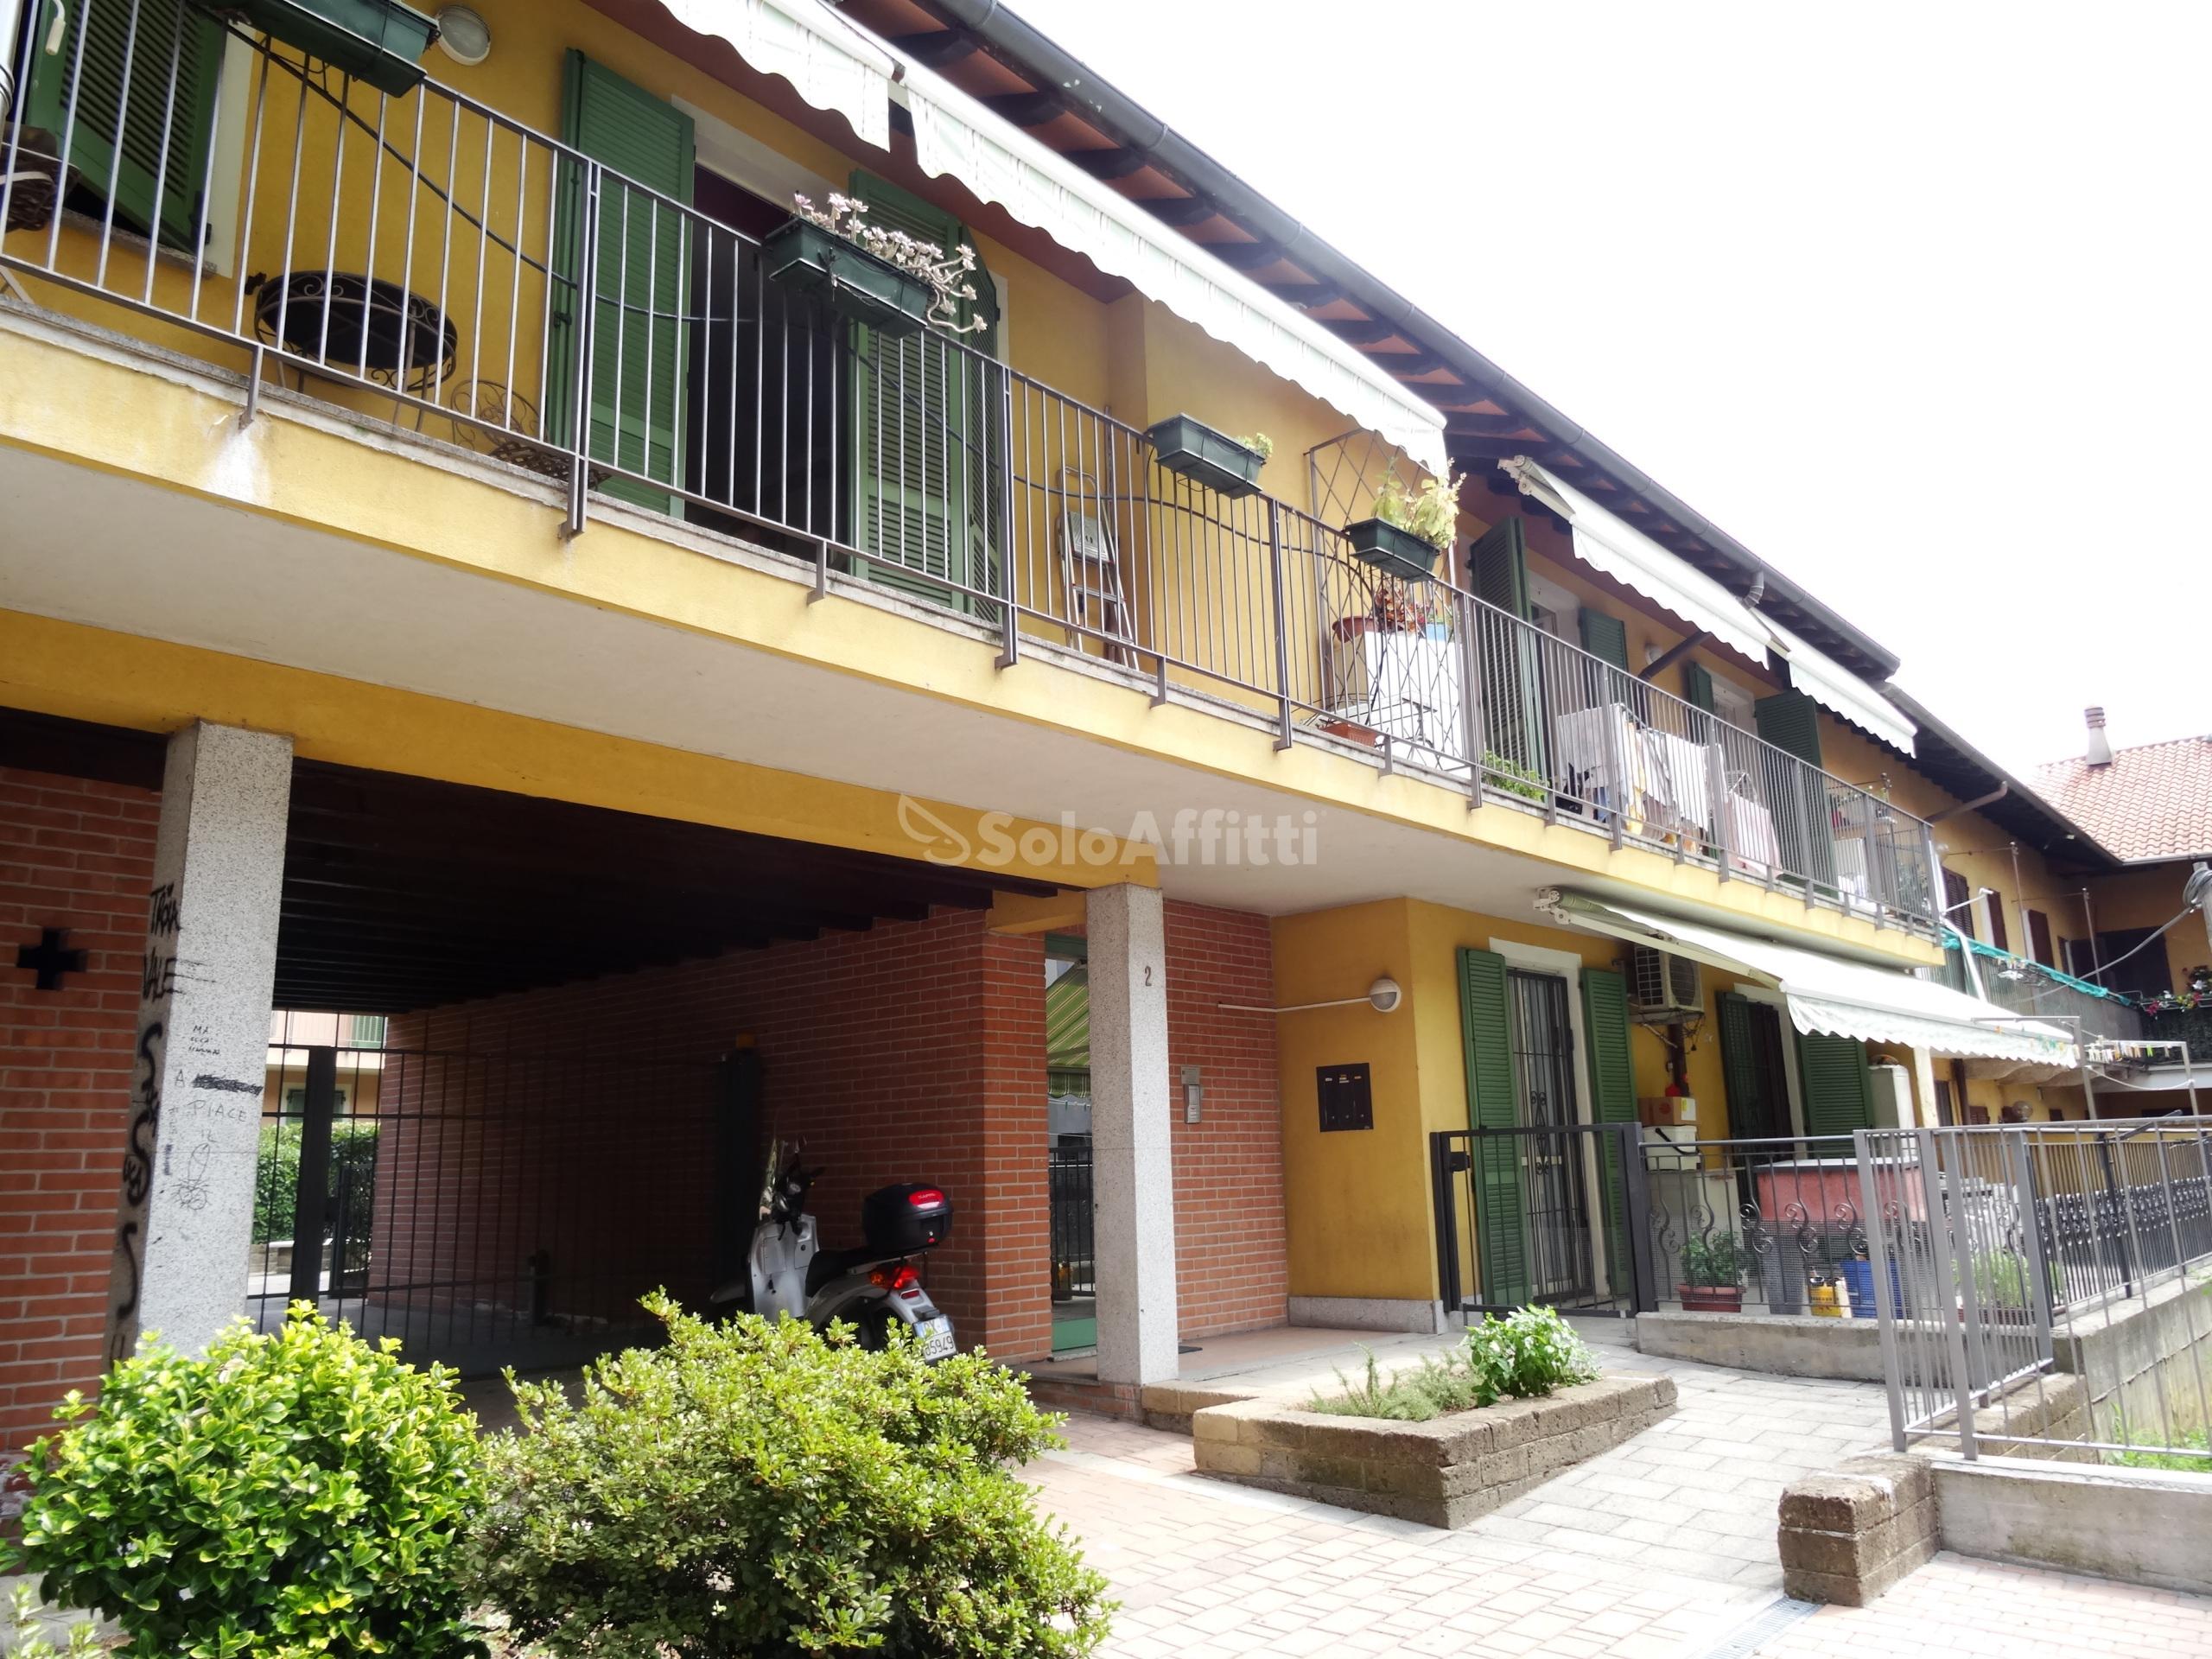 Ufficio Verde Gallarate : Immobili in affitto gallarate case uffici e negozi in affitto